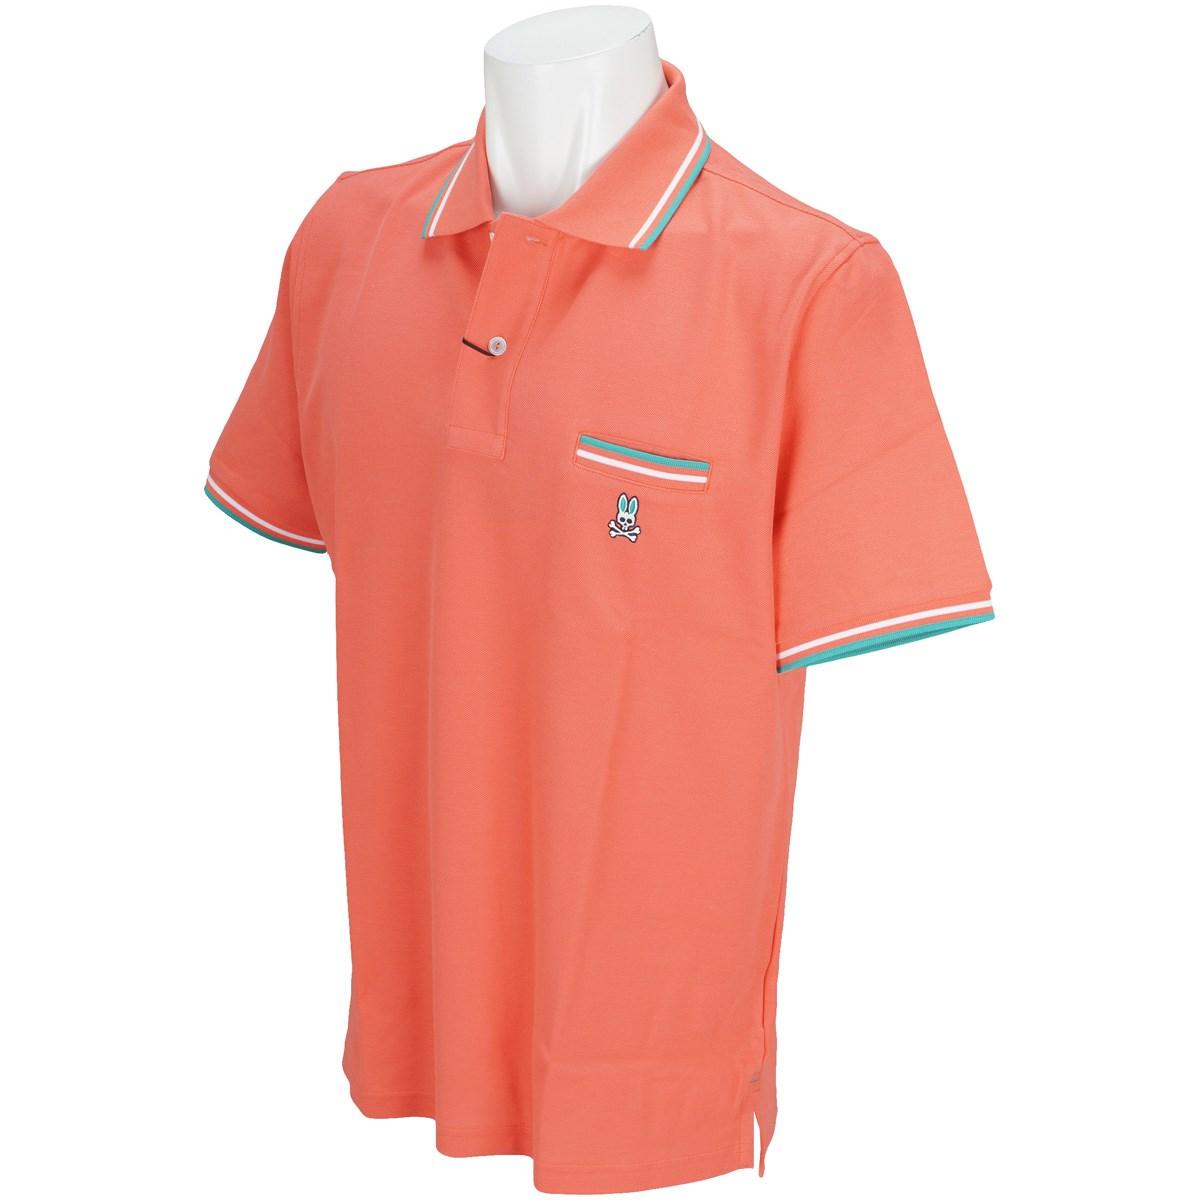 サイコバニー PSYCHO BUNNY ライン入りポケット半袖ポロシャツ M オレンジ